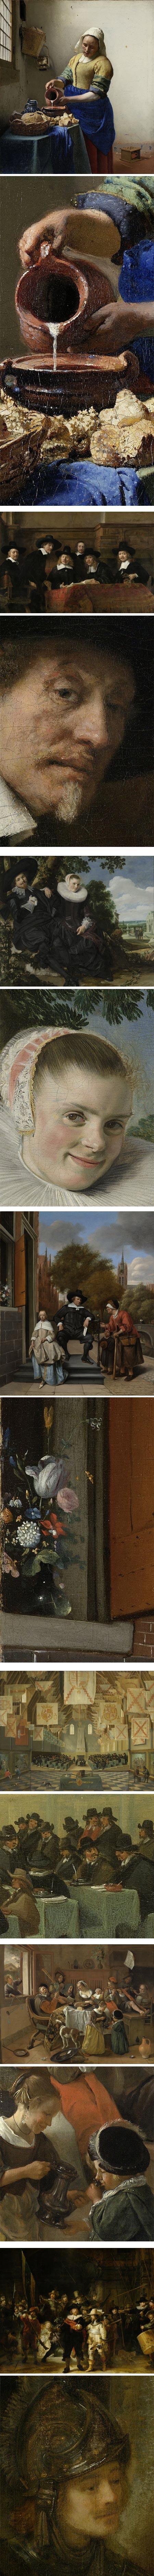 Rijksmuseum's selection for US President's visit:  Johnnes Vermeer, Rembrandt van Rijn, Frans Hals, Jan Havicksz Steen, Bartholomeus van Bassen, Jan Havicksz Steen, Rembrandt